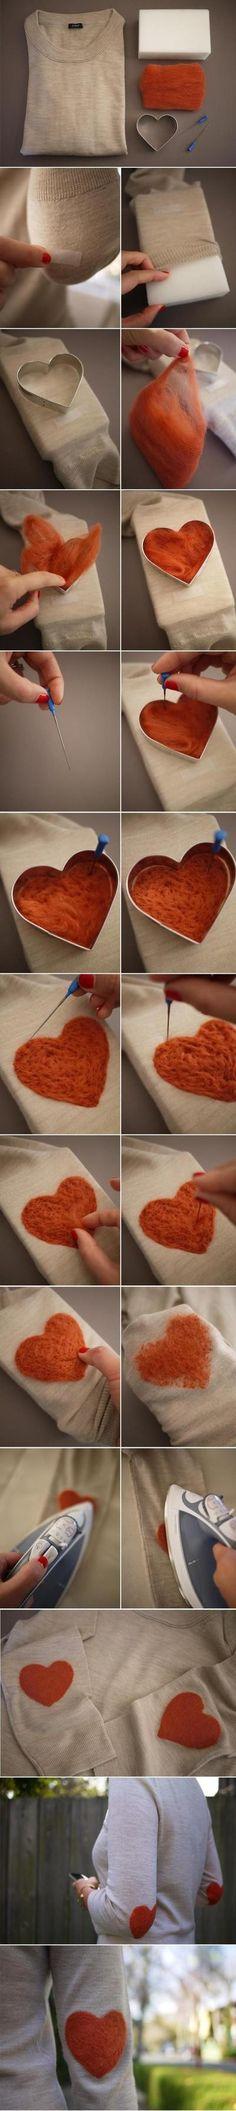 Super super leuk idee